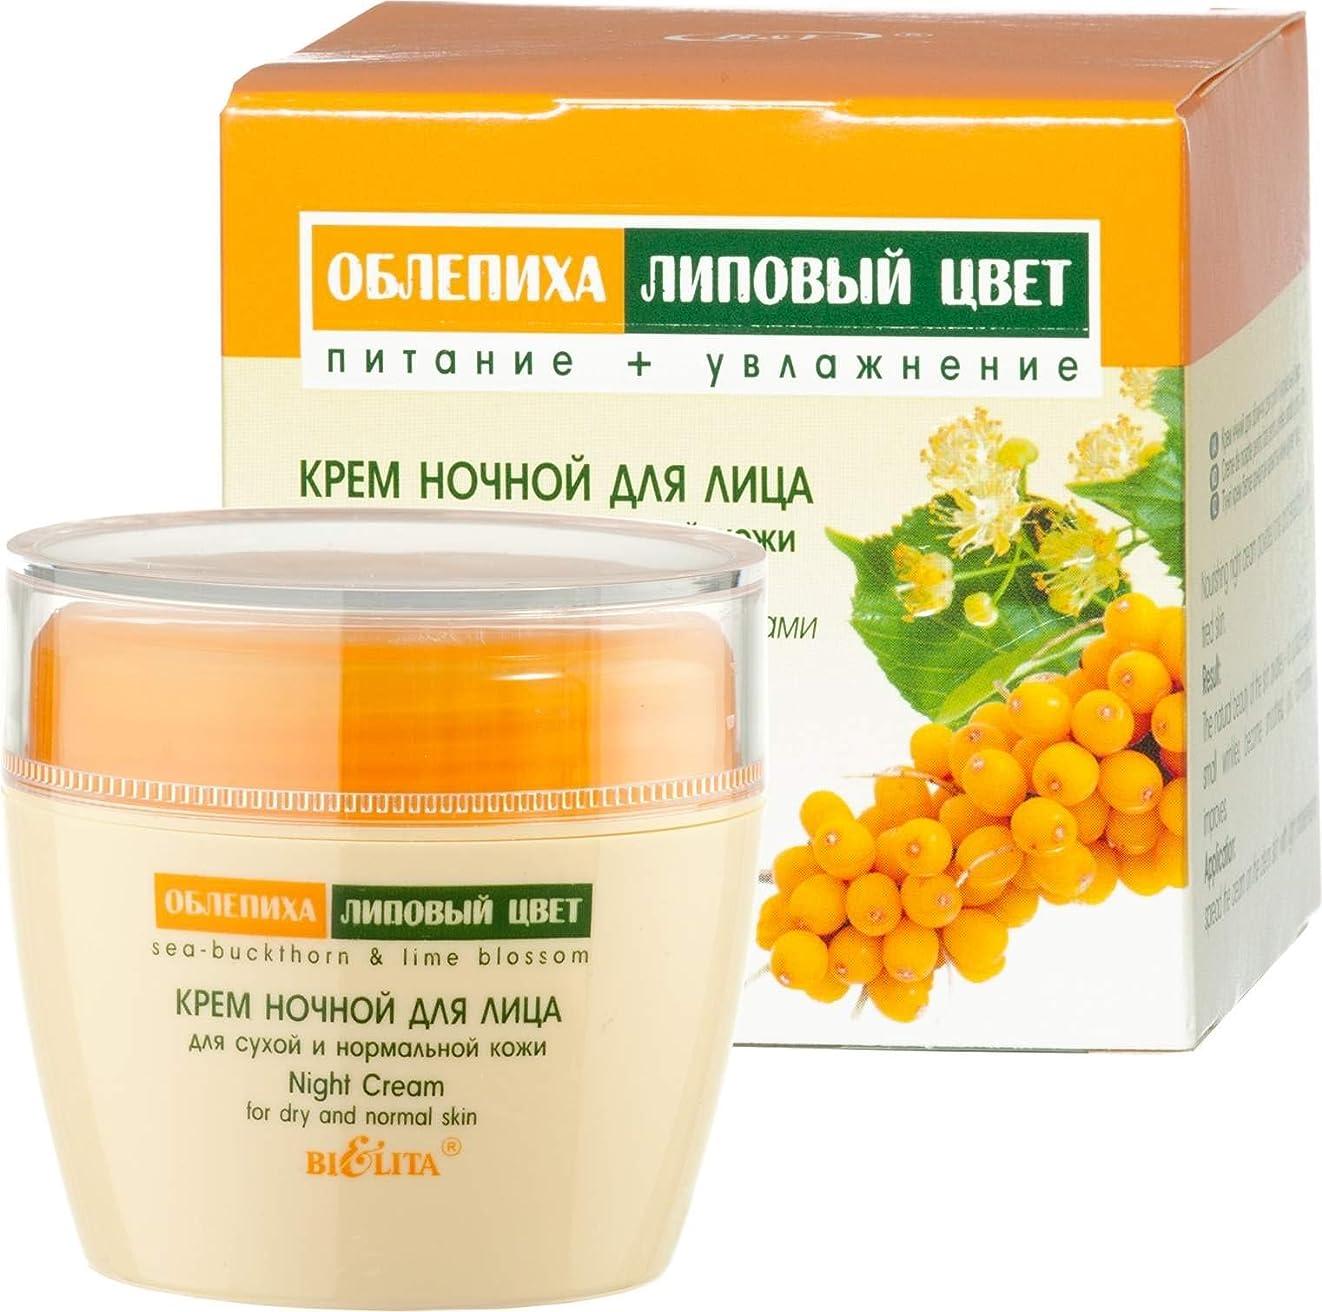 消費者逮捕謎めいたBielita & Vitex   Sea-Buckthorn Line   Night Face Cream for Dry and Normal Skin, 50 ml   Sea-Buckthorn Oil, Lime Blossom Oil, Vitamin E